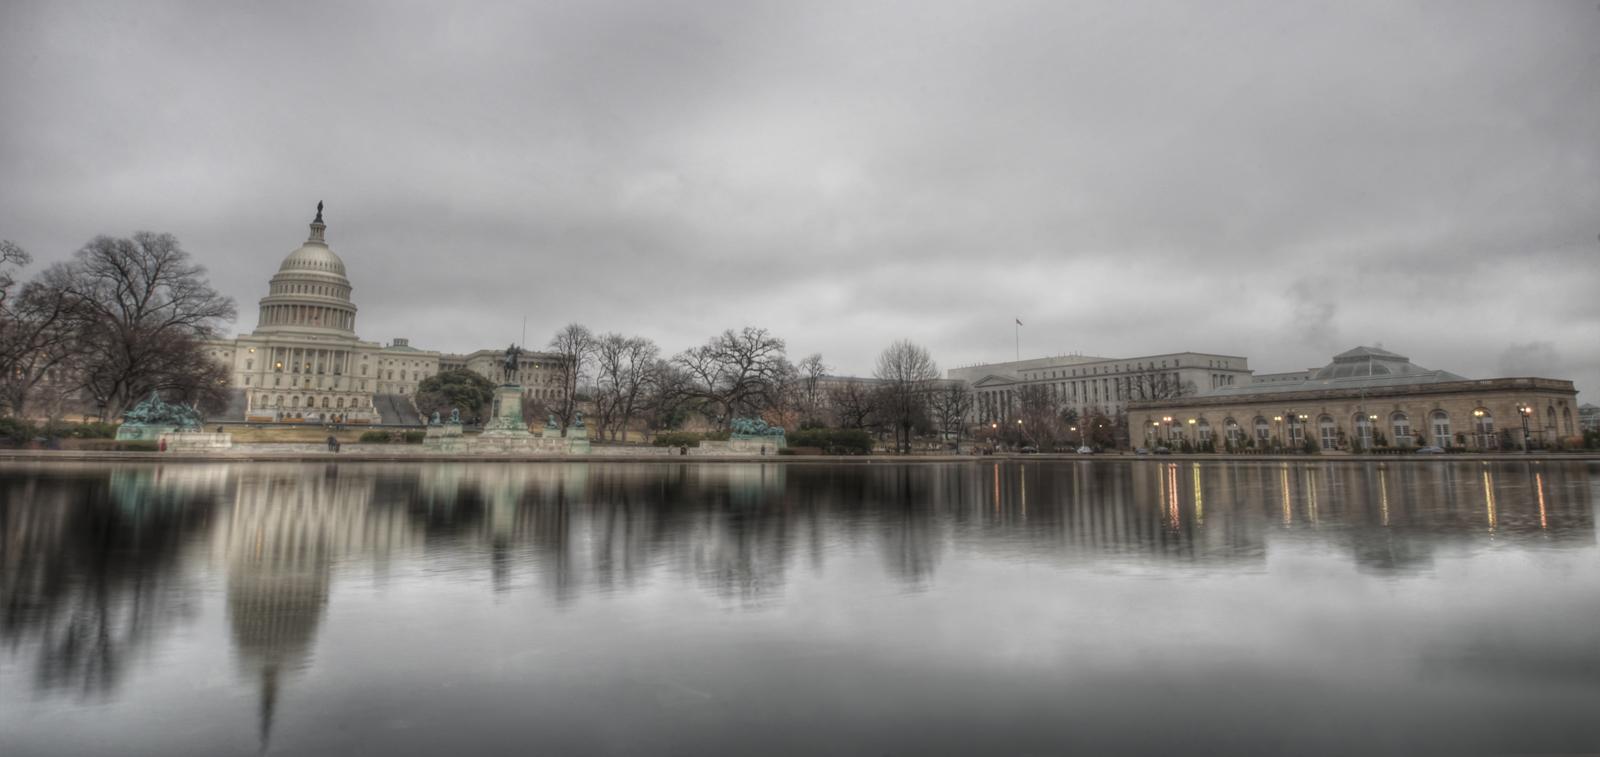 Washington DC – Dan Goodman Photography